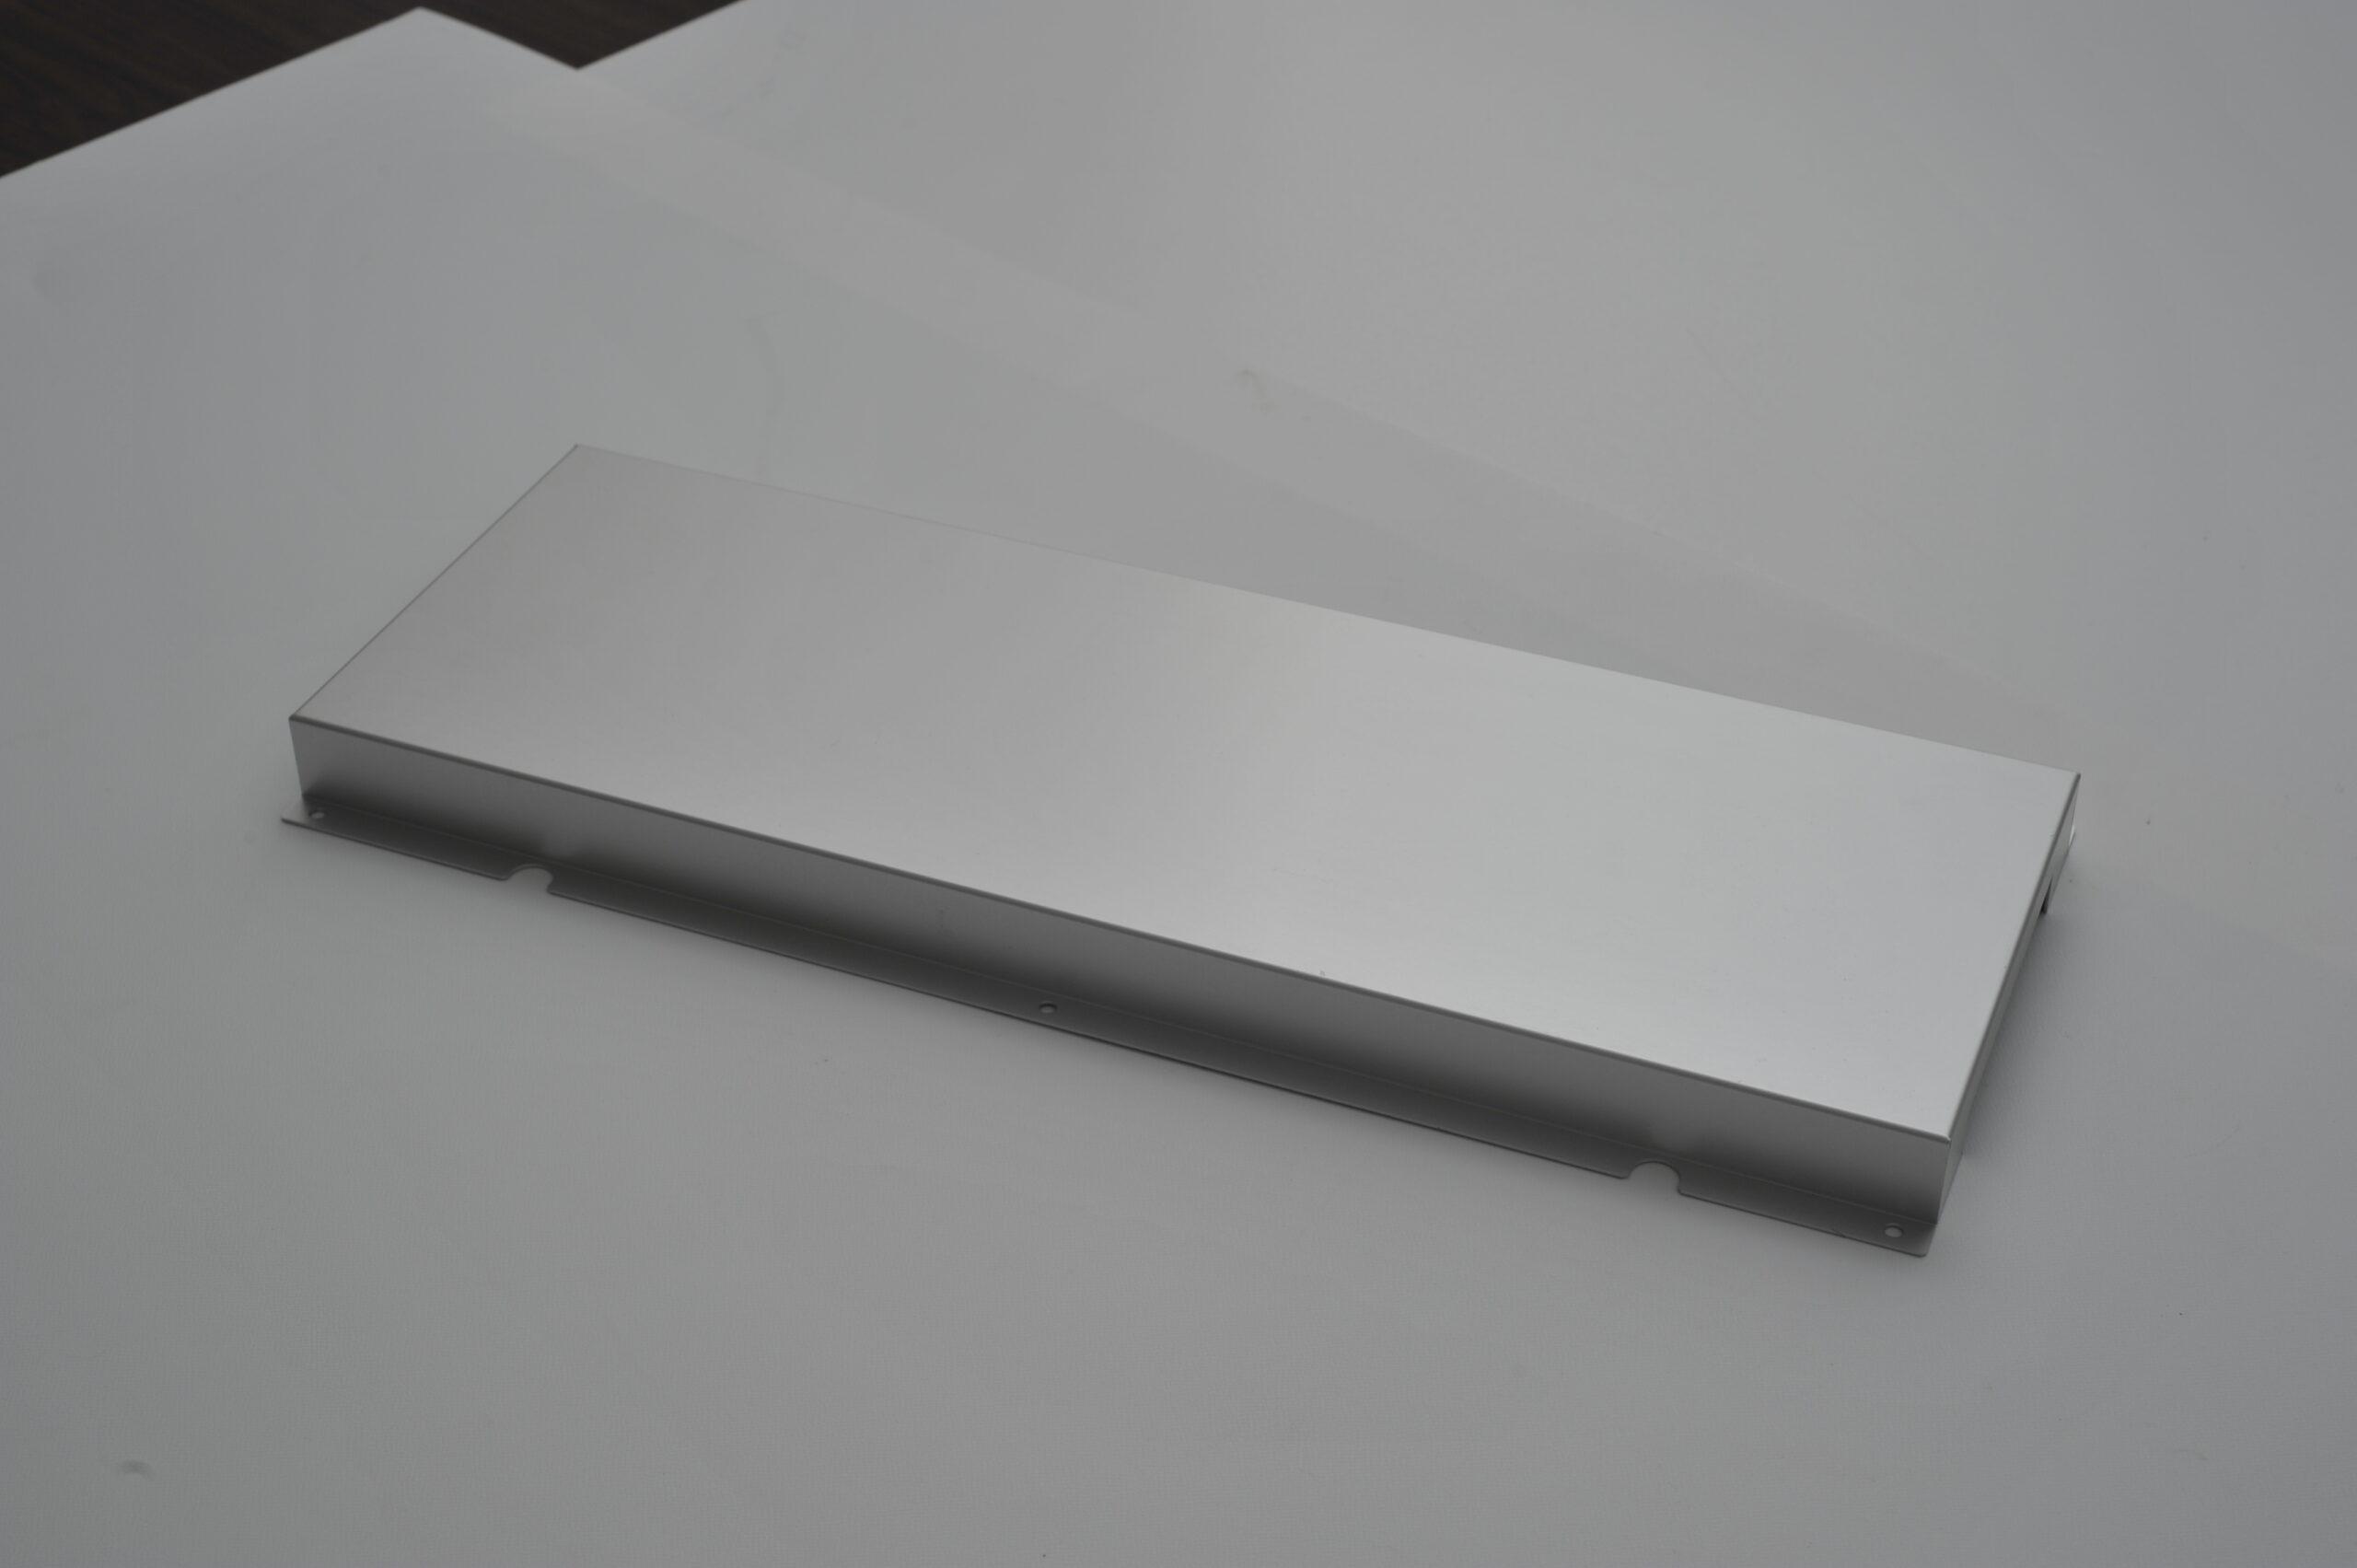 アルミ薄板溶接